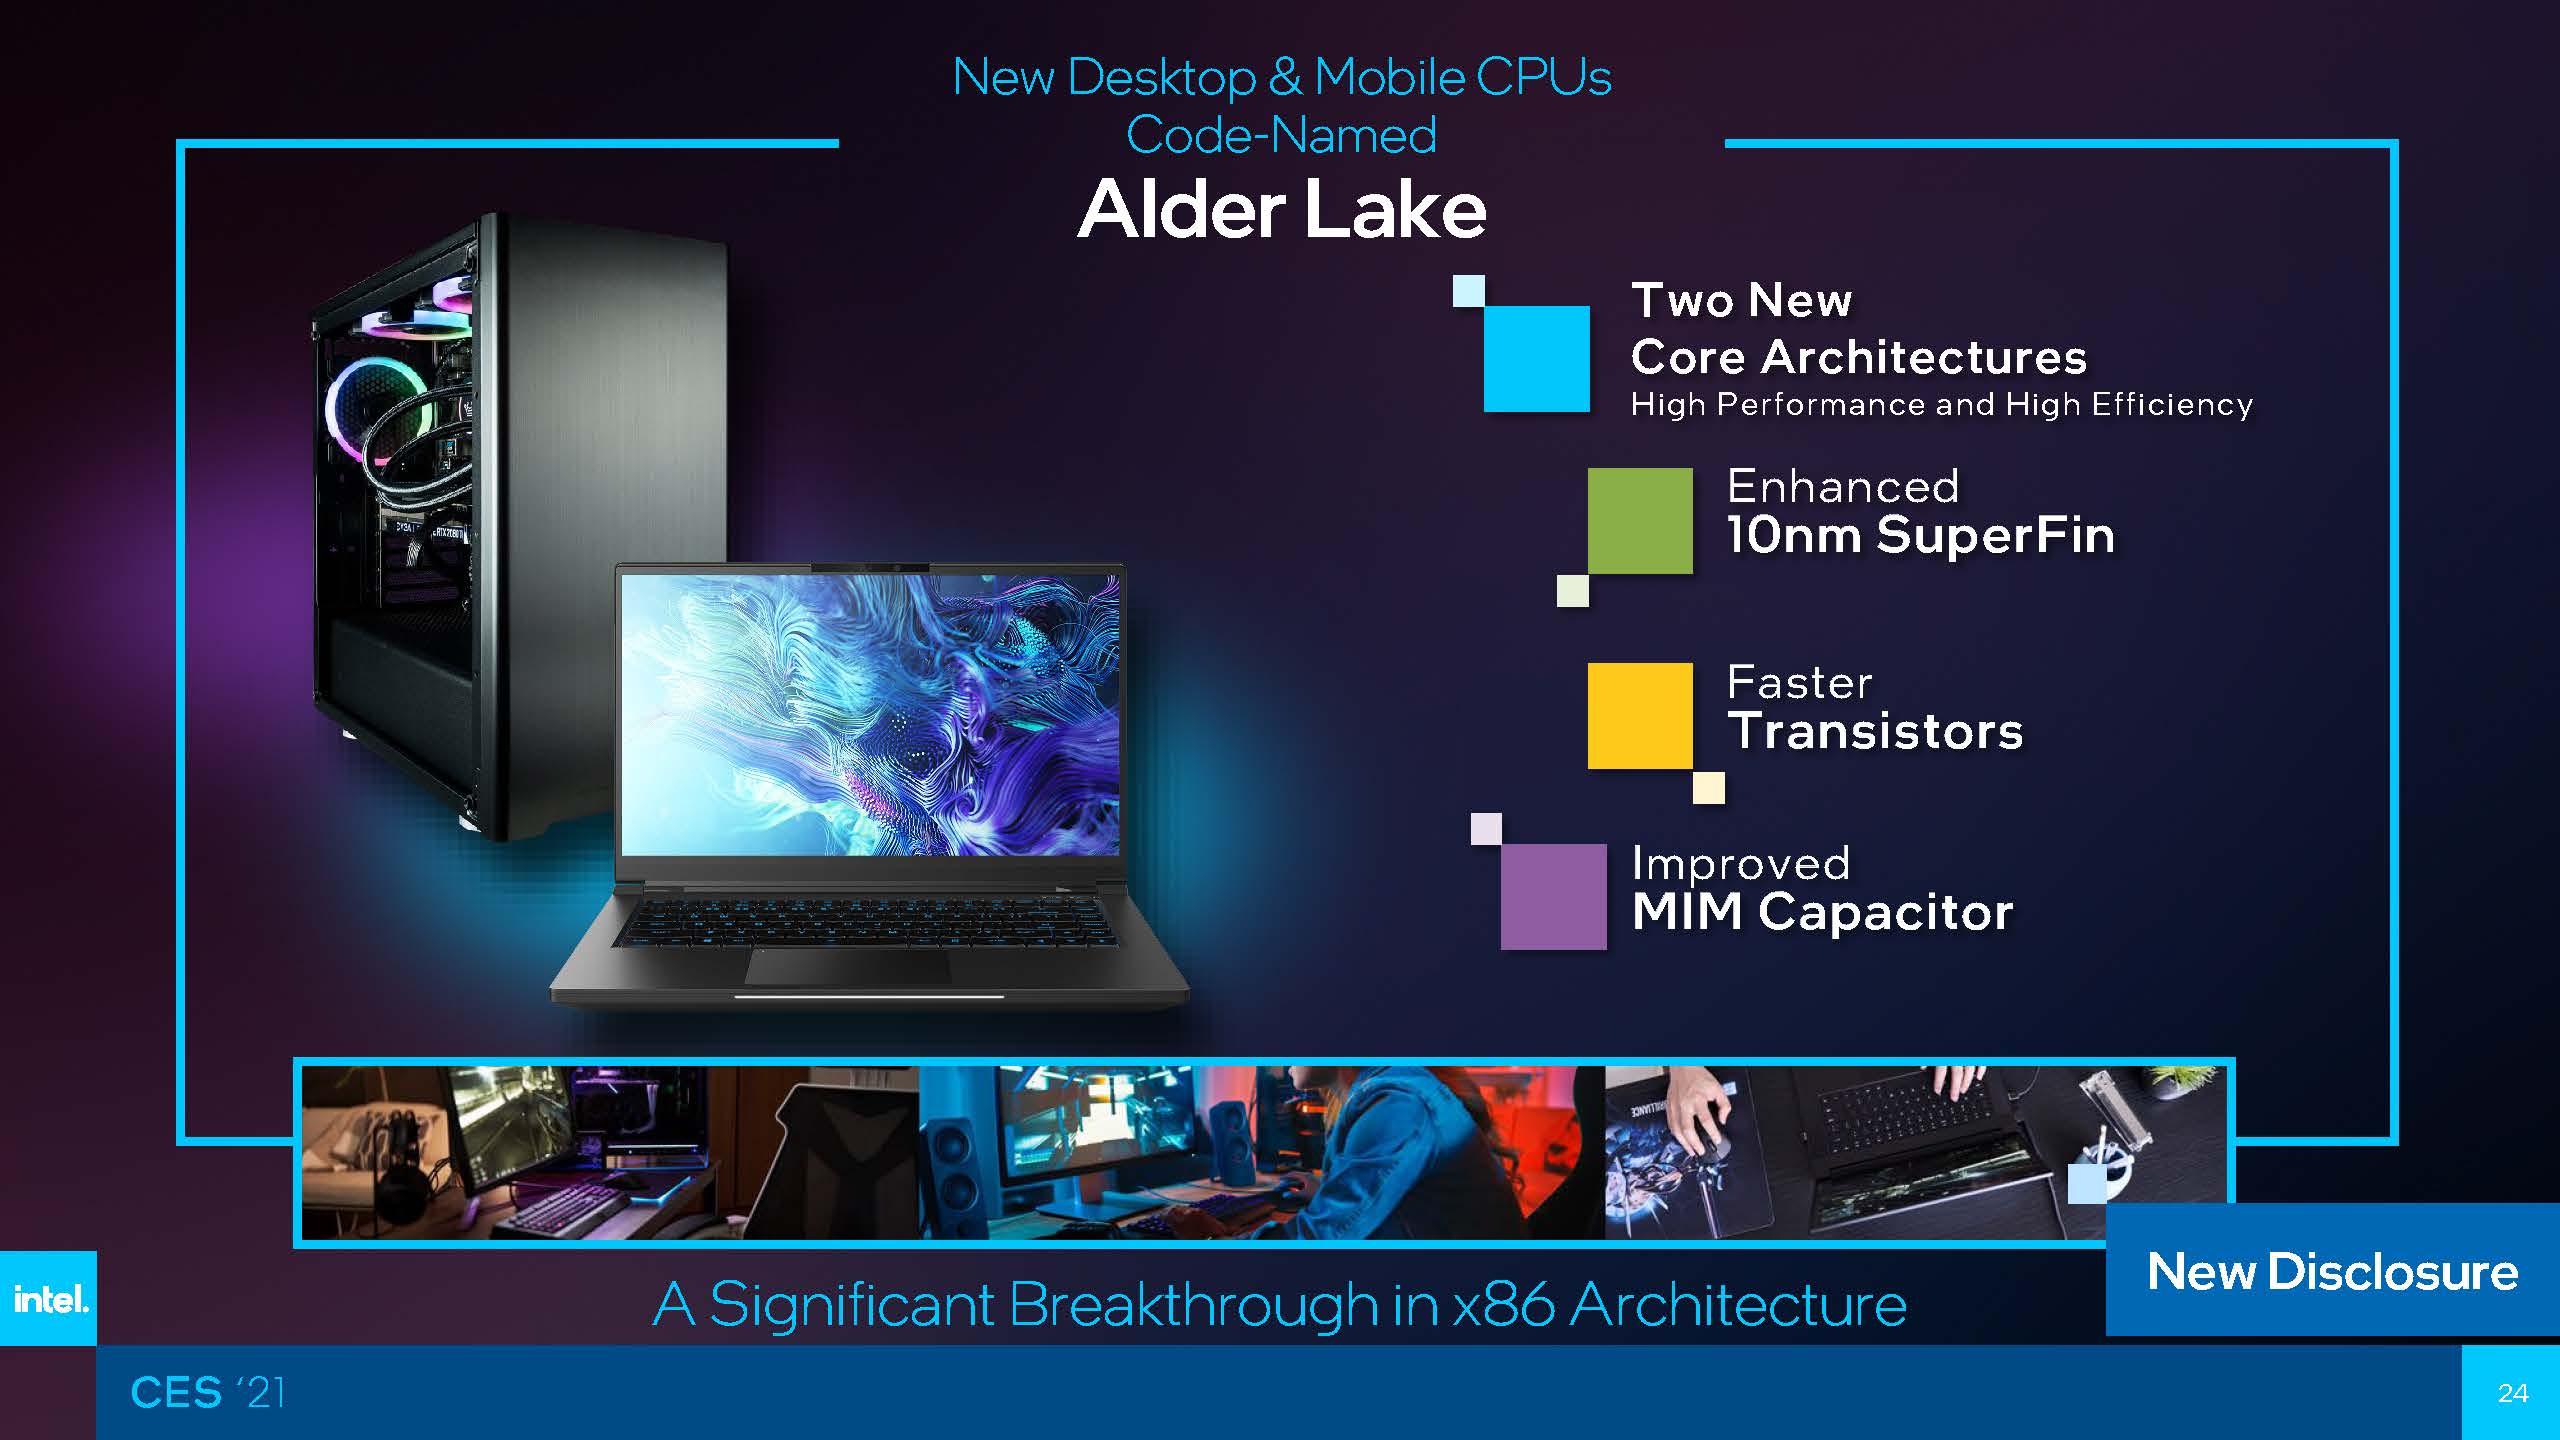 Intel Alder Lake CES 2021 Sneak Peek